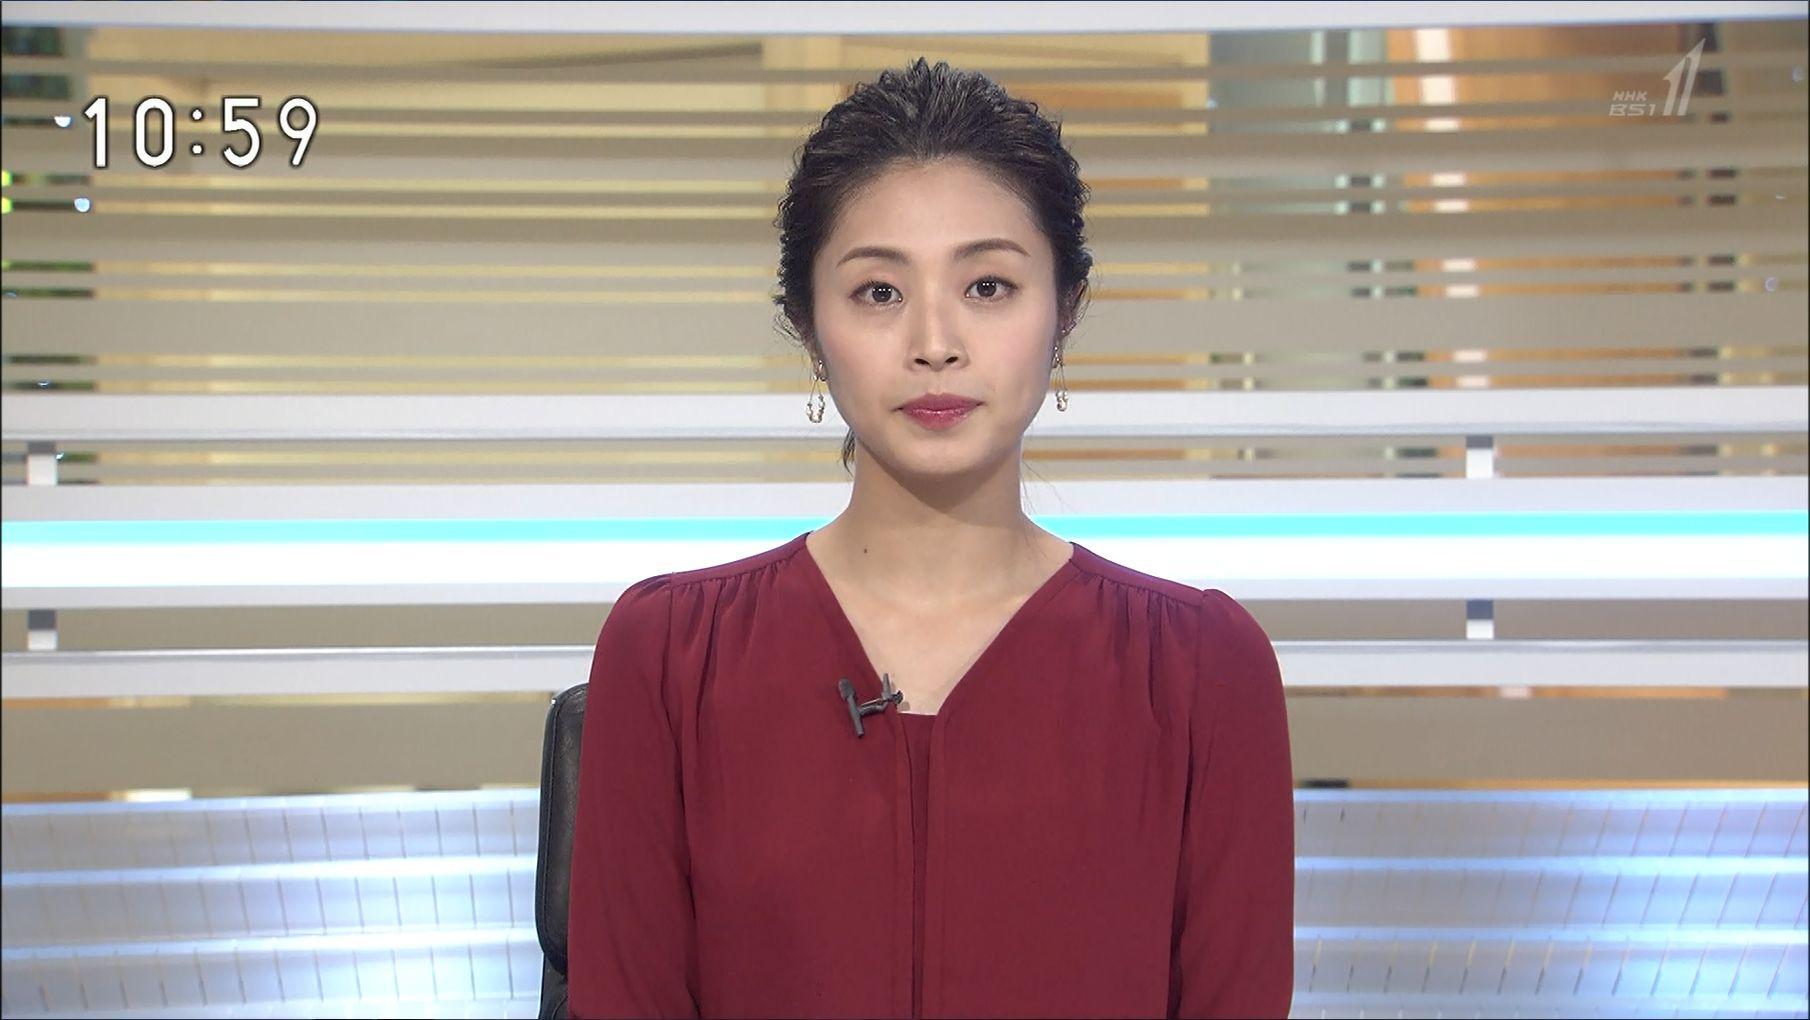 ブログ 笠井美穂 仕事復帰の笠井アナ、同期の中井美穂さんと対談